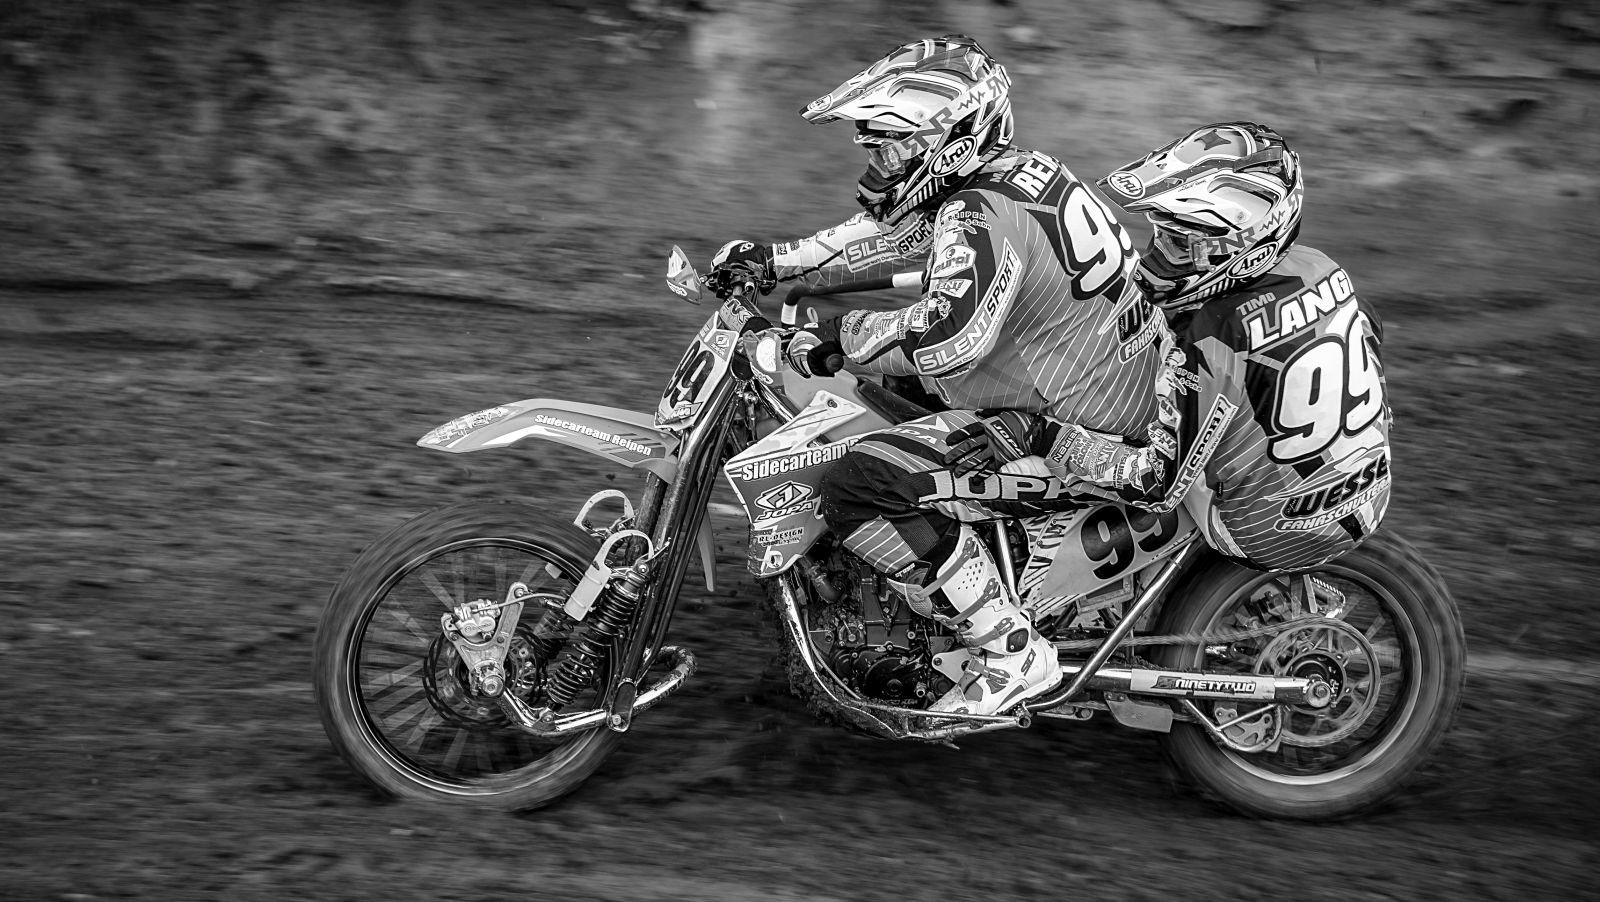 Motocross in Ohlenberg - Gespann 02 | © wolfgang röser | worobo